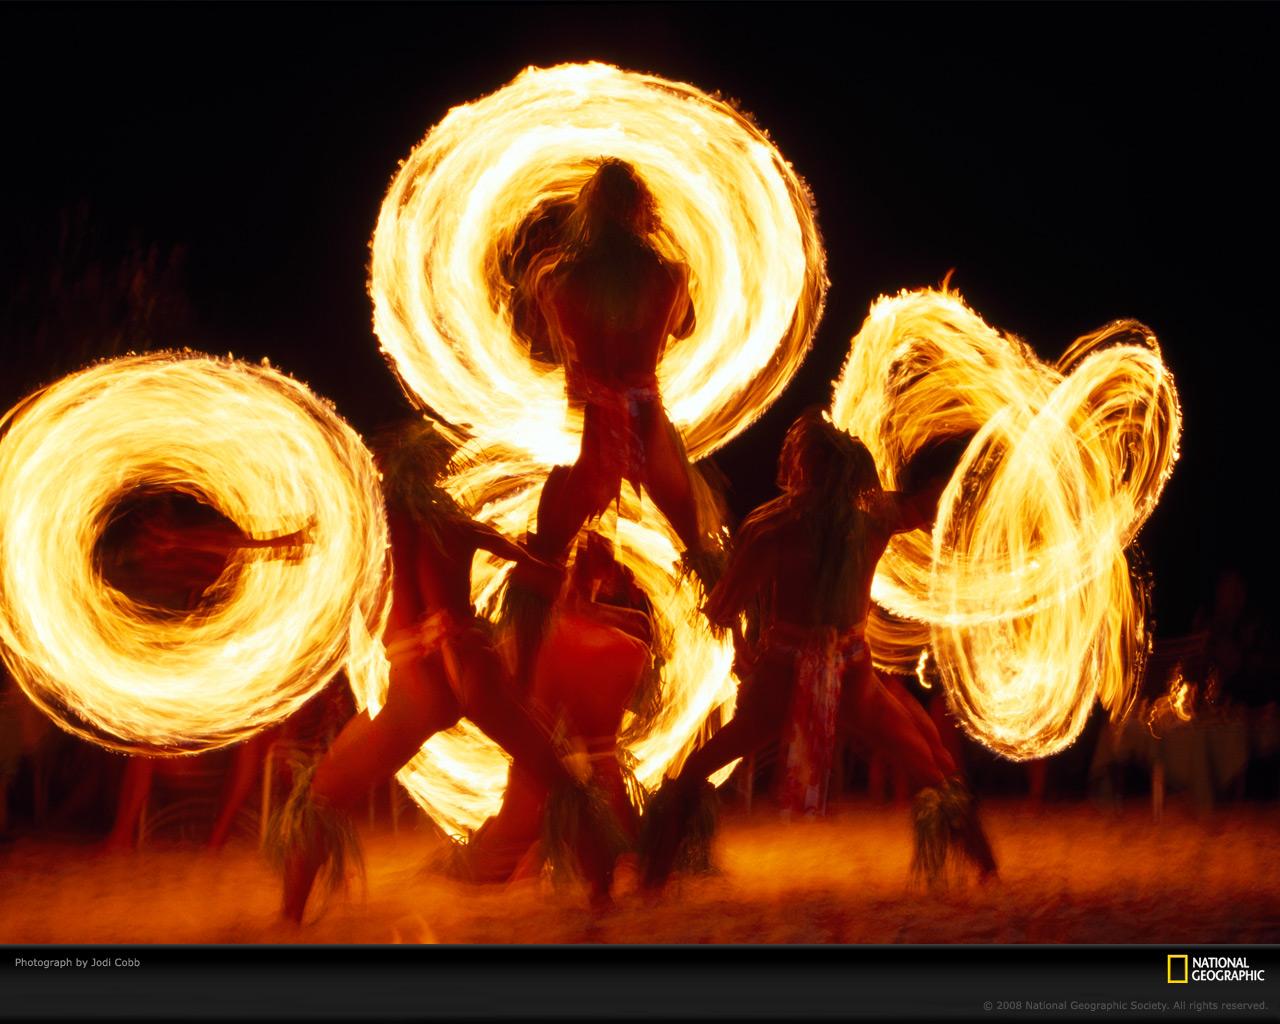 Fire dancing gif